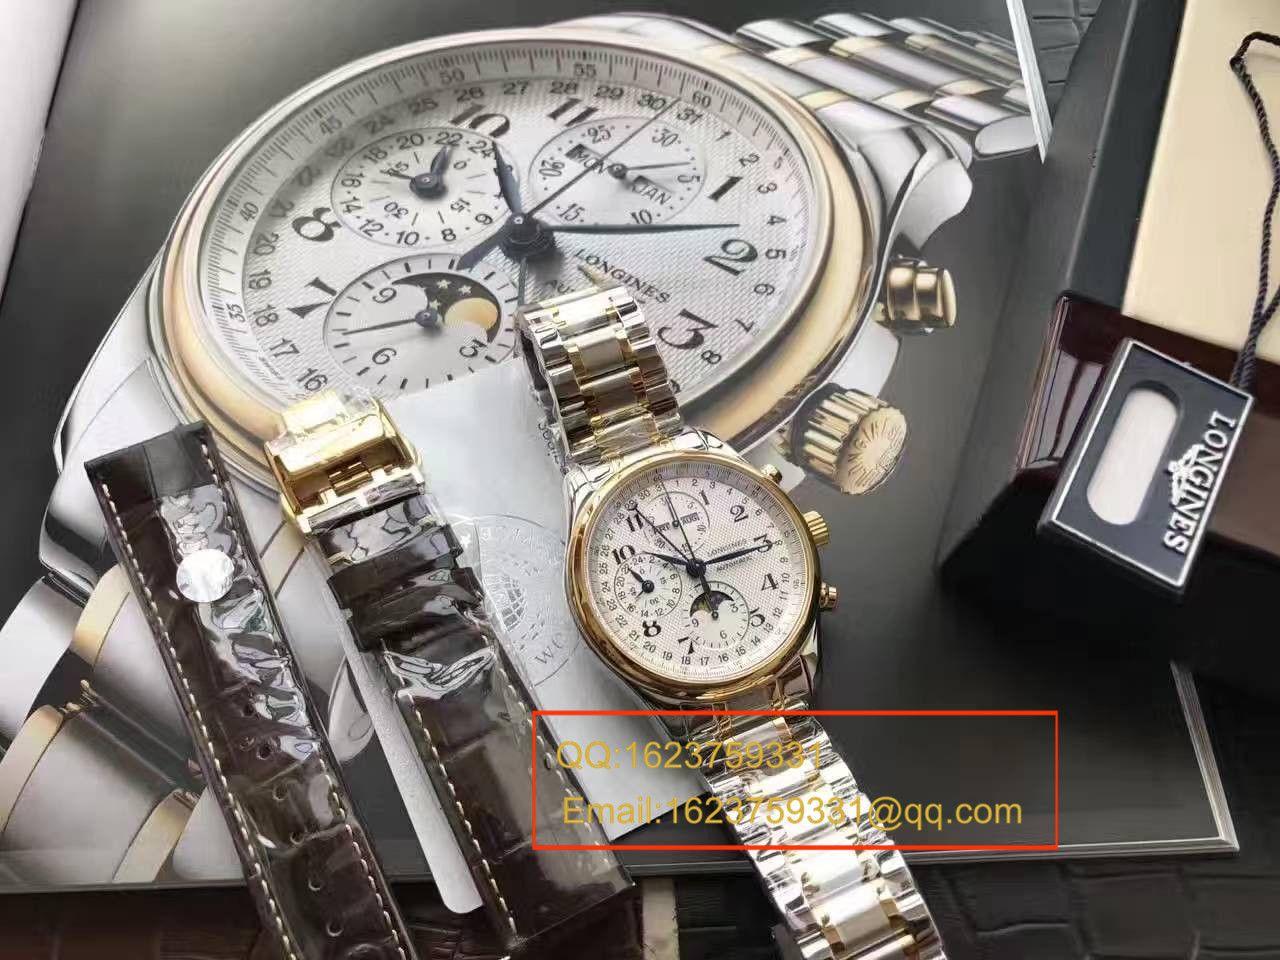 【视频评测YL厂复刻手表】浪琴名匠 L2.773.4.78.6月相 最新登场男表(认准自动锤L678.2刻字) / L059